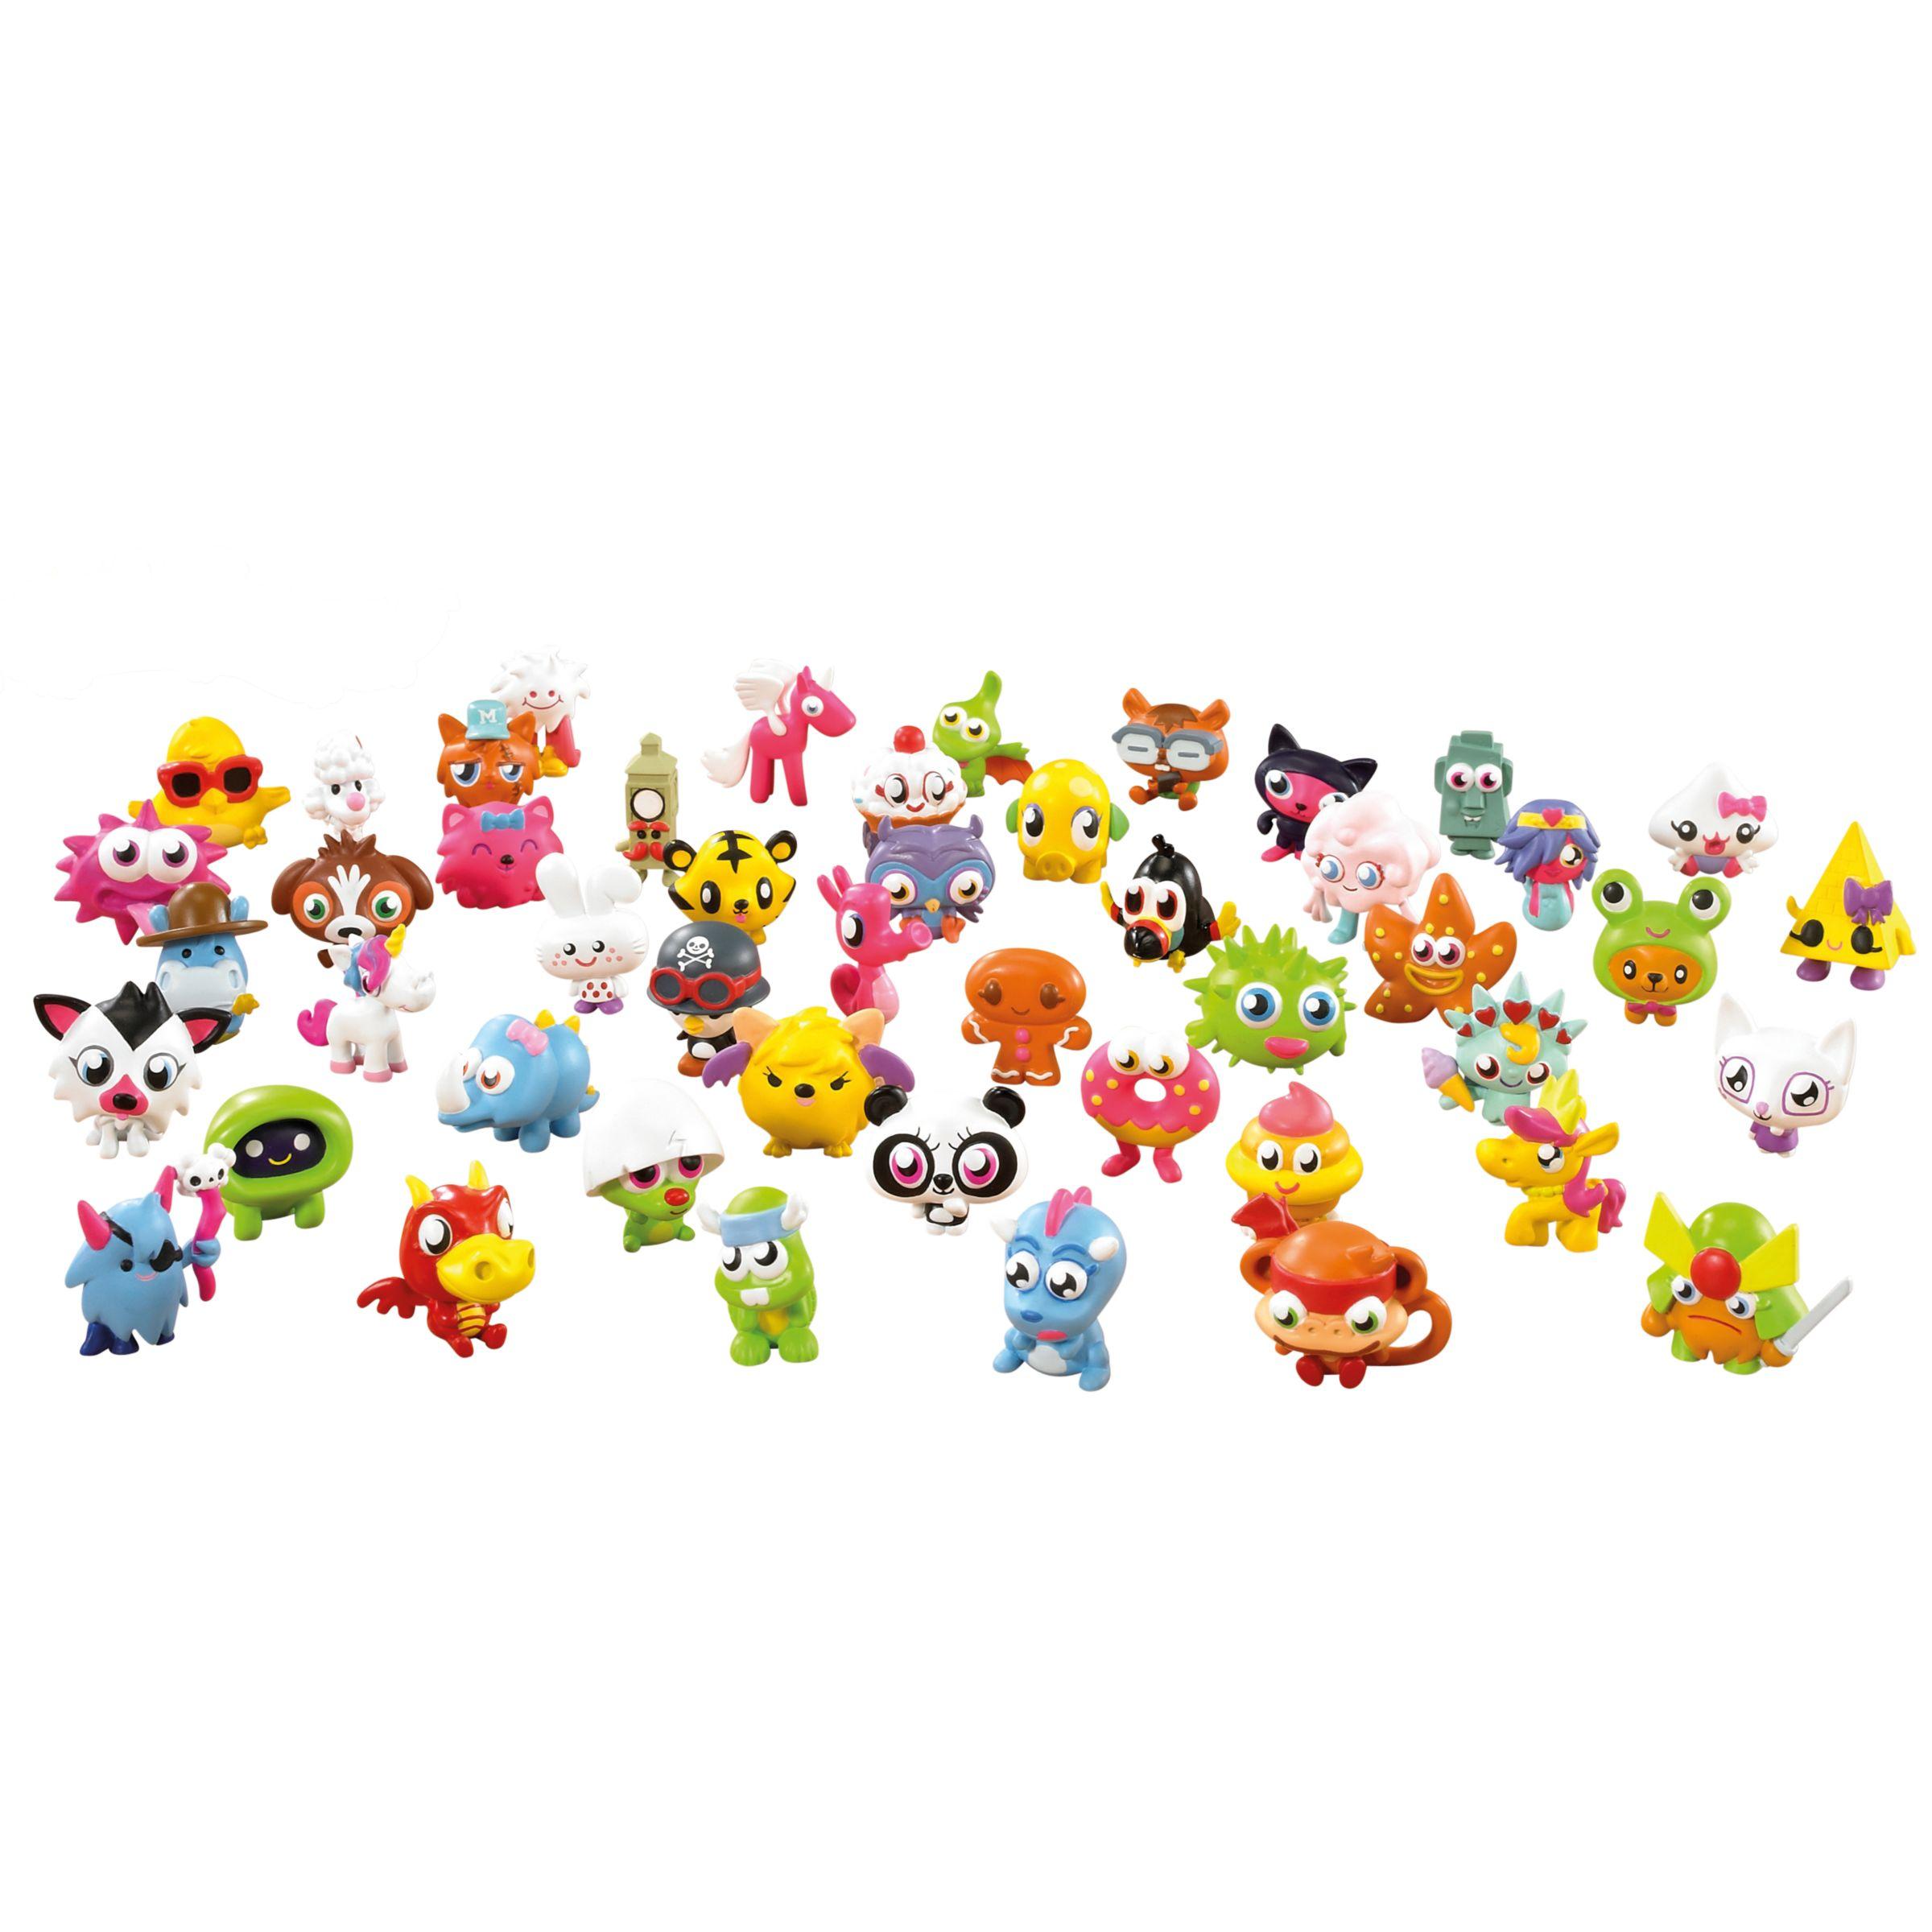 Moshi Monsters Blister Pack